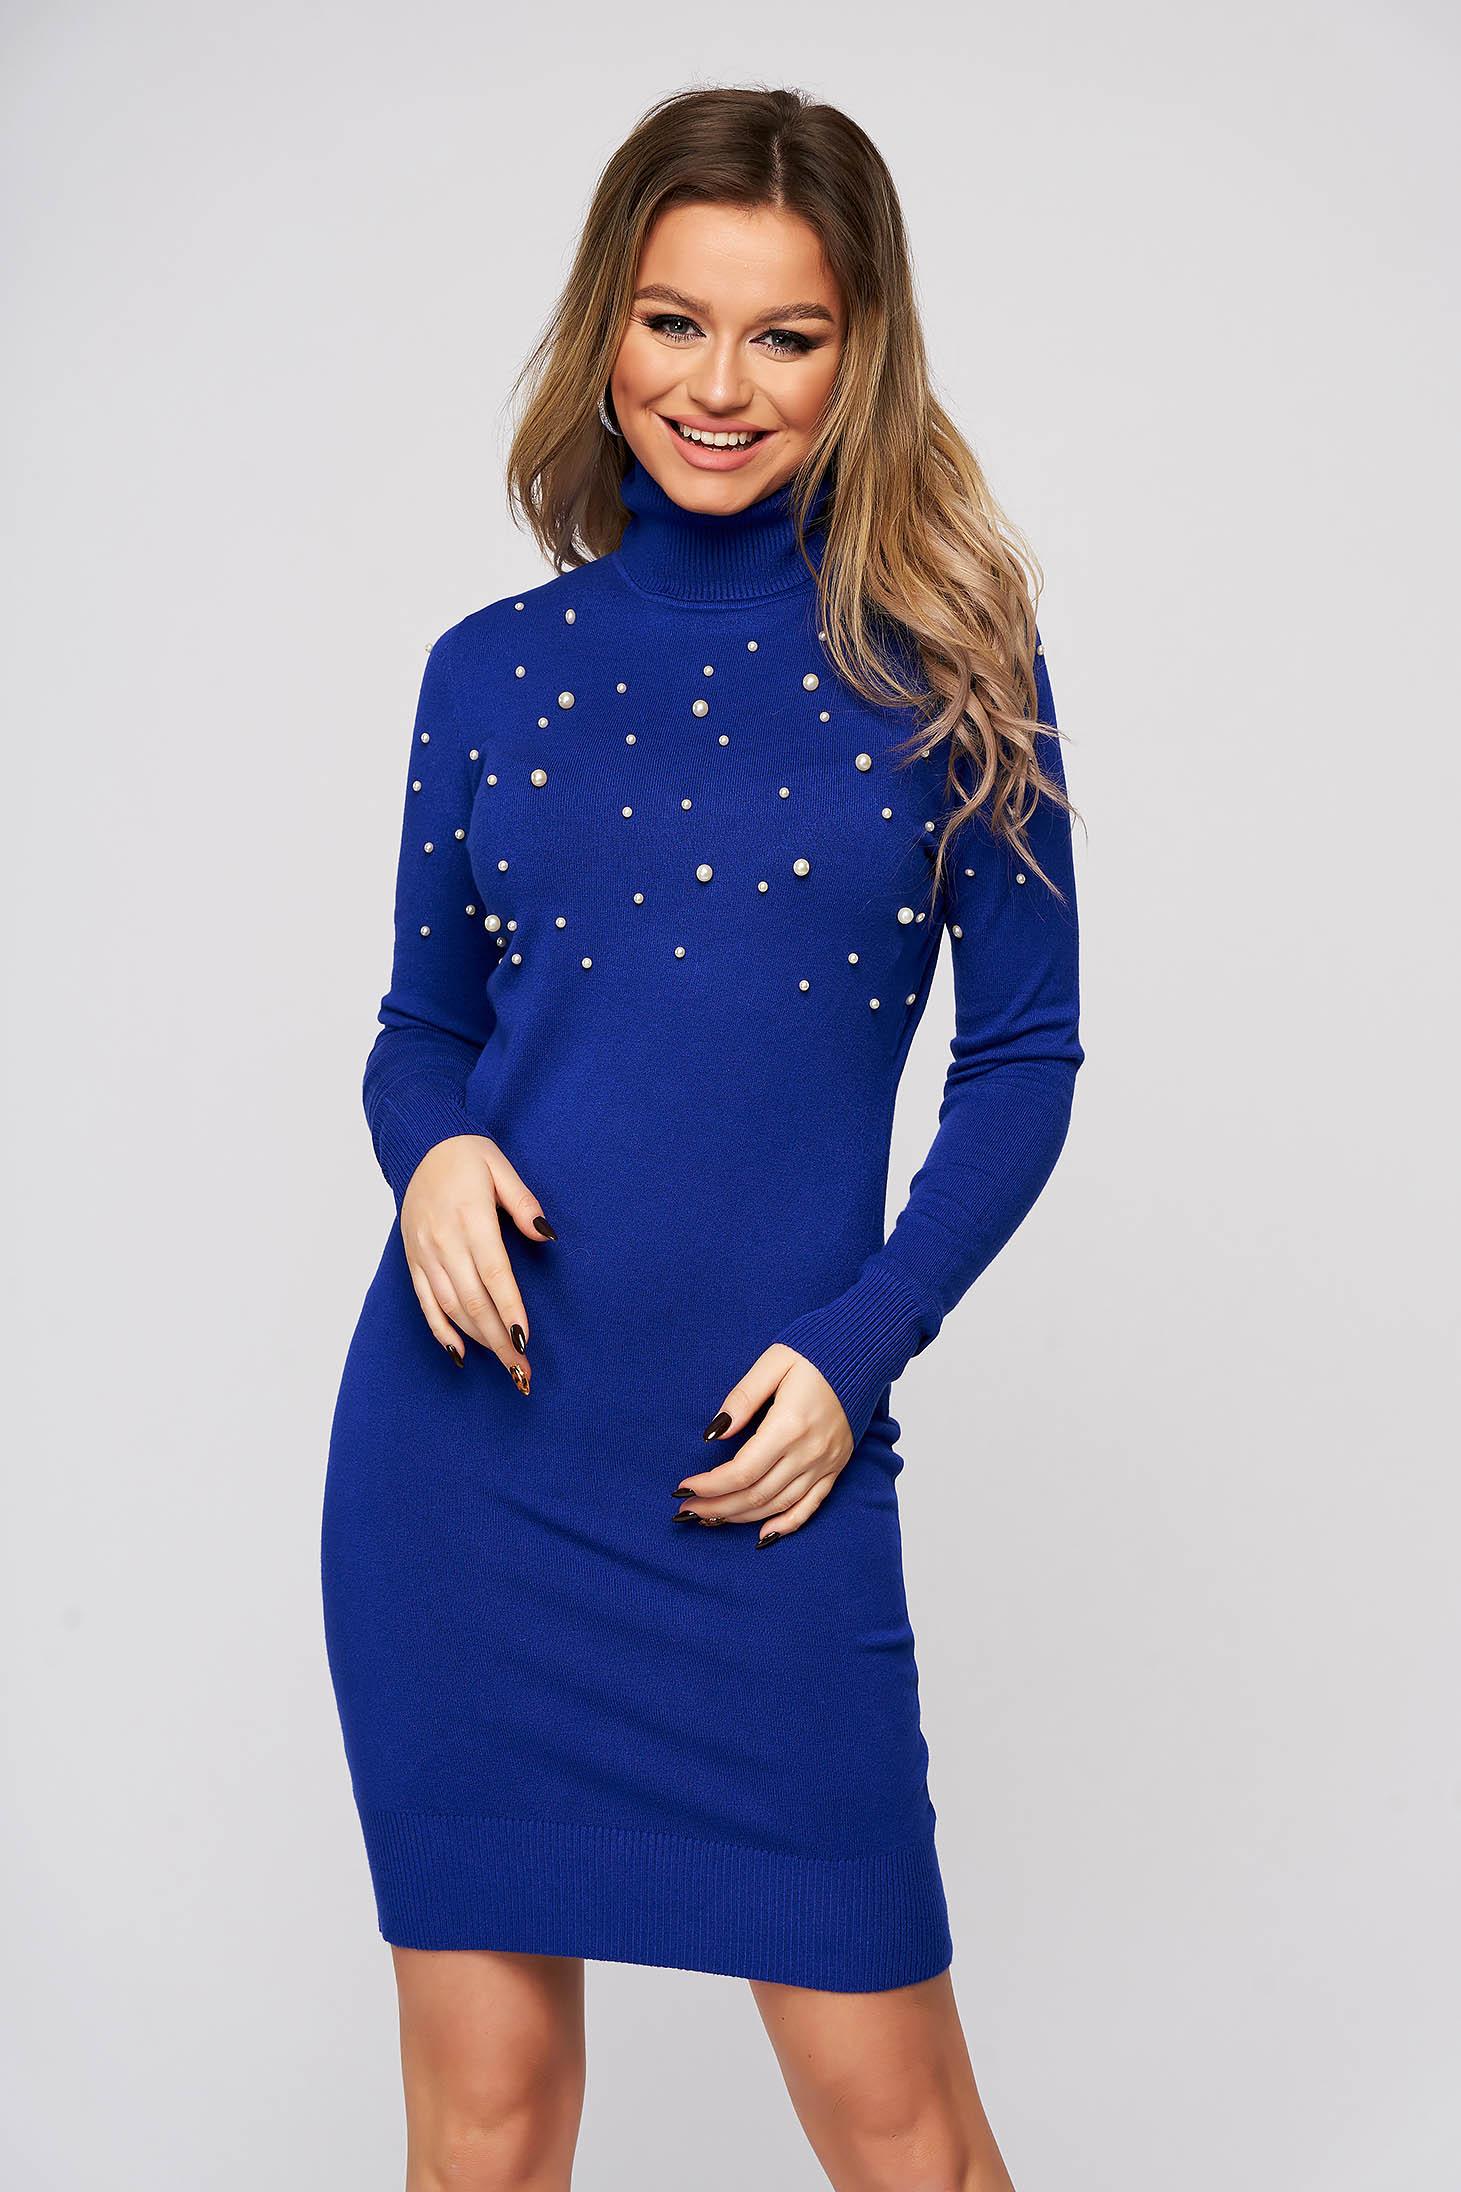 Rochie SunShine albastra din material elastic si fin scurta pe gat cu aplicatii cu perle